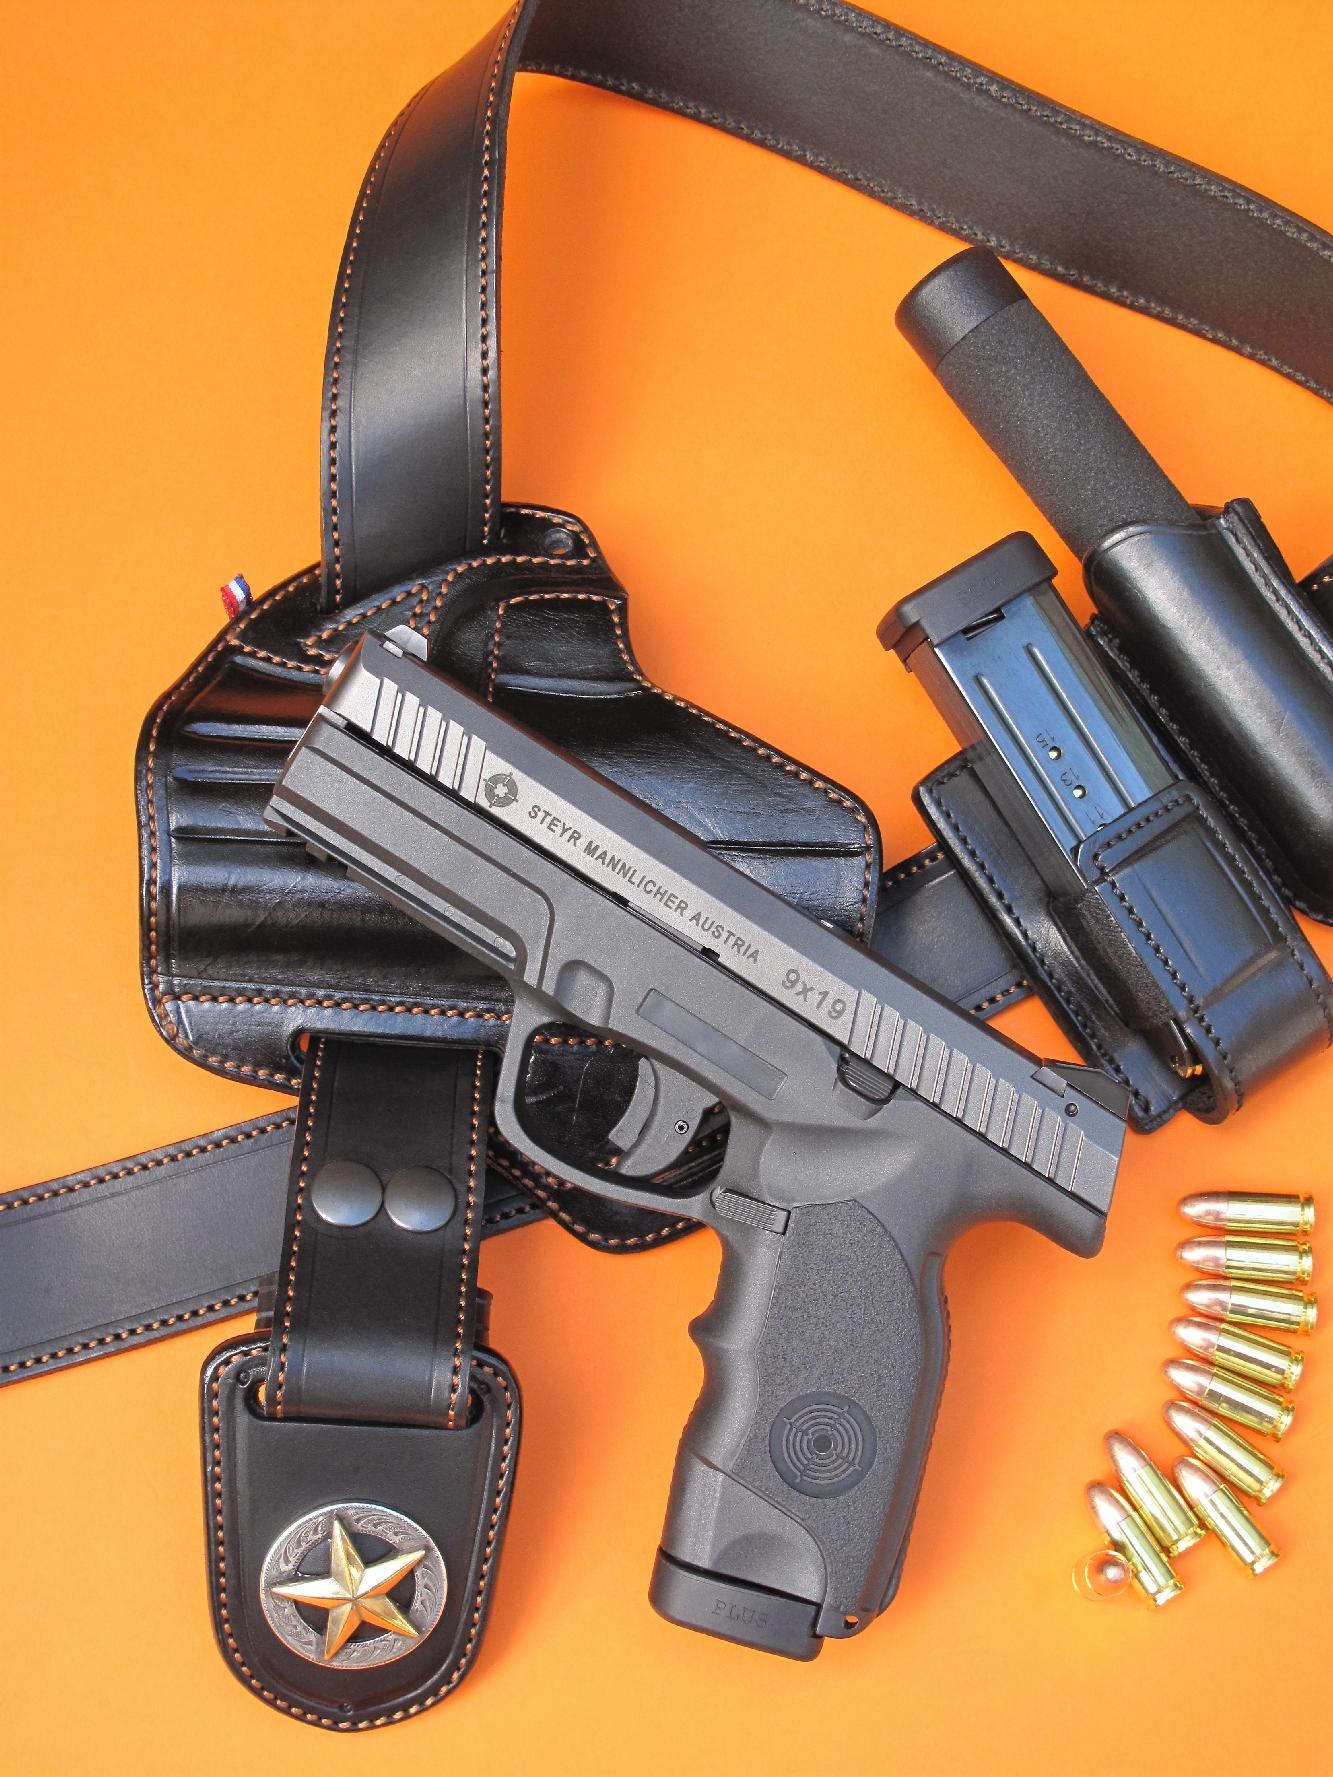 Le pistolet Steyr-Mannlicher L9-A1 est accompagné ici d'un ensemble en cuir réalisé par la Sellerie du Thimerais, comprenant un holster pancake baptisé « Kidney », modèle bivalent pouvant être utilisé en inside grâce à deux pattes de ceinture amovibles, un porte-chargeur et un porte matraque télescopique, le tout réuni sur un ceinturon muni d'une originale boucle rigide, gainée de cuir et décorée de l'étoile du Texas.